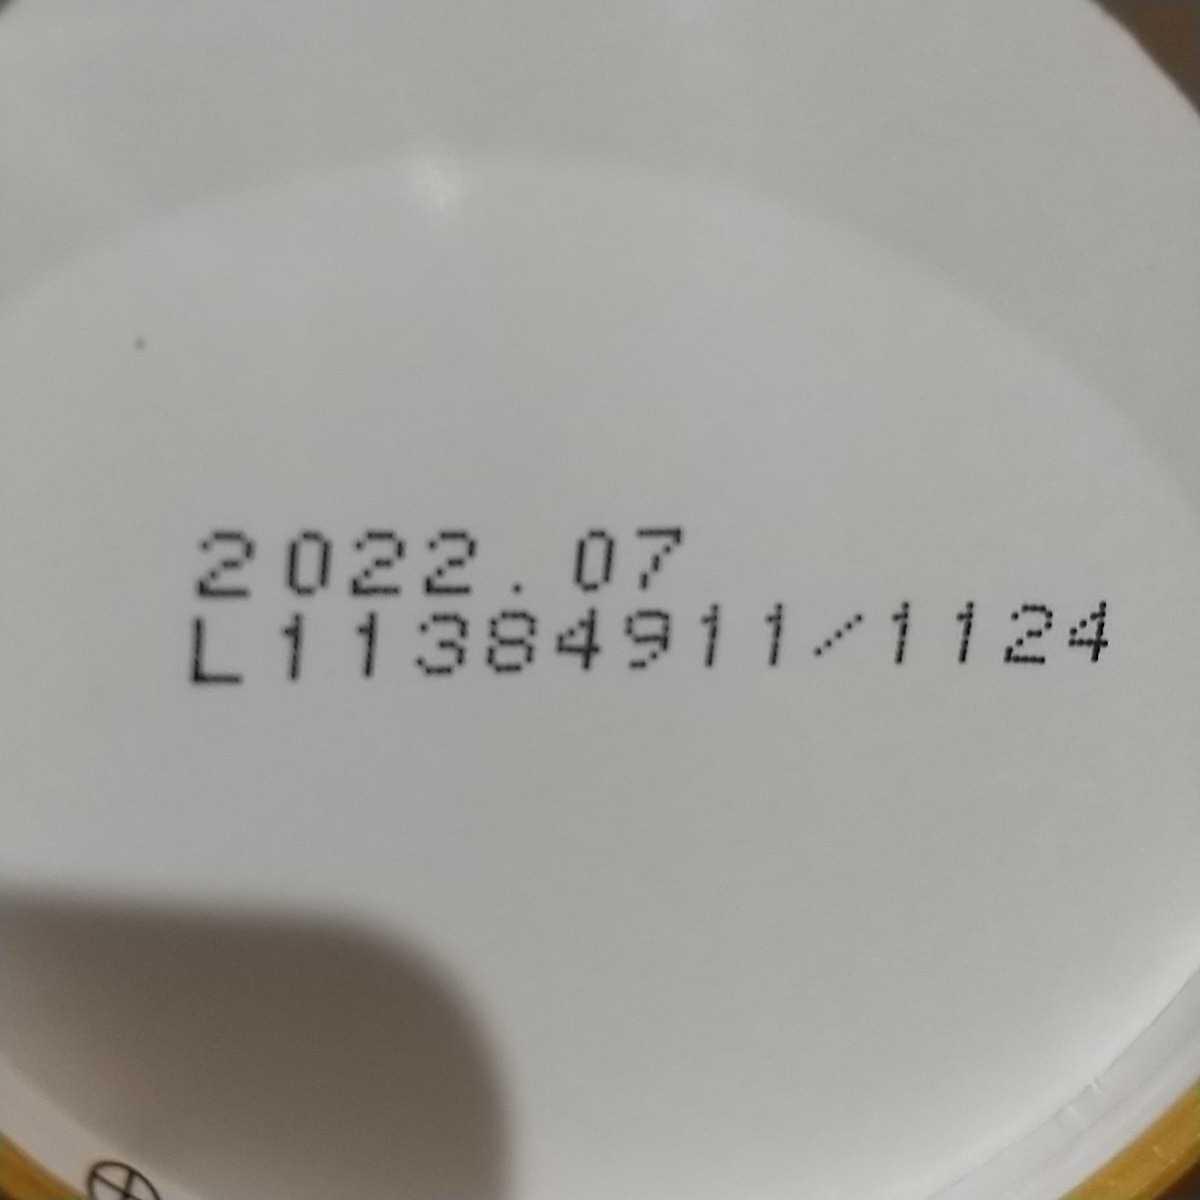 【送料込】ネスカフェ ゴールドブレンド エコ&システムパック (105g) 12本 賞味期限 2022年7月 バリスタ ネスレ ポイント